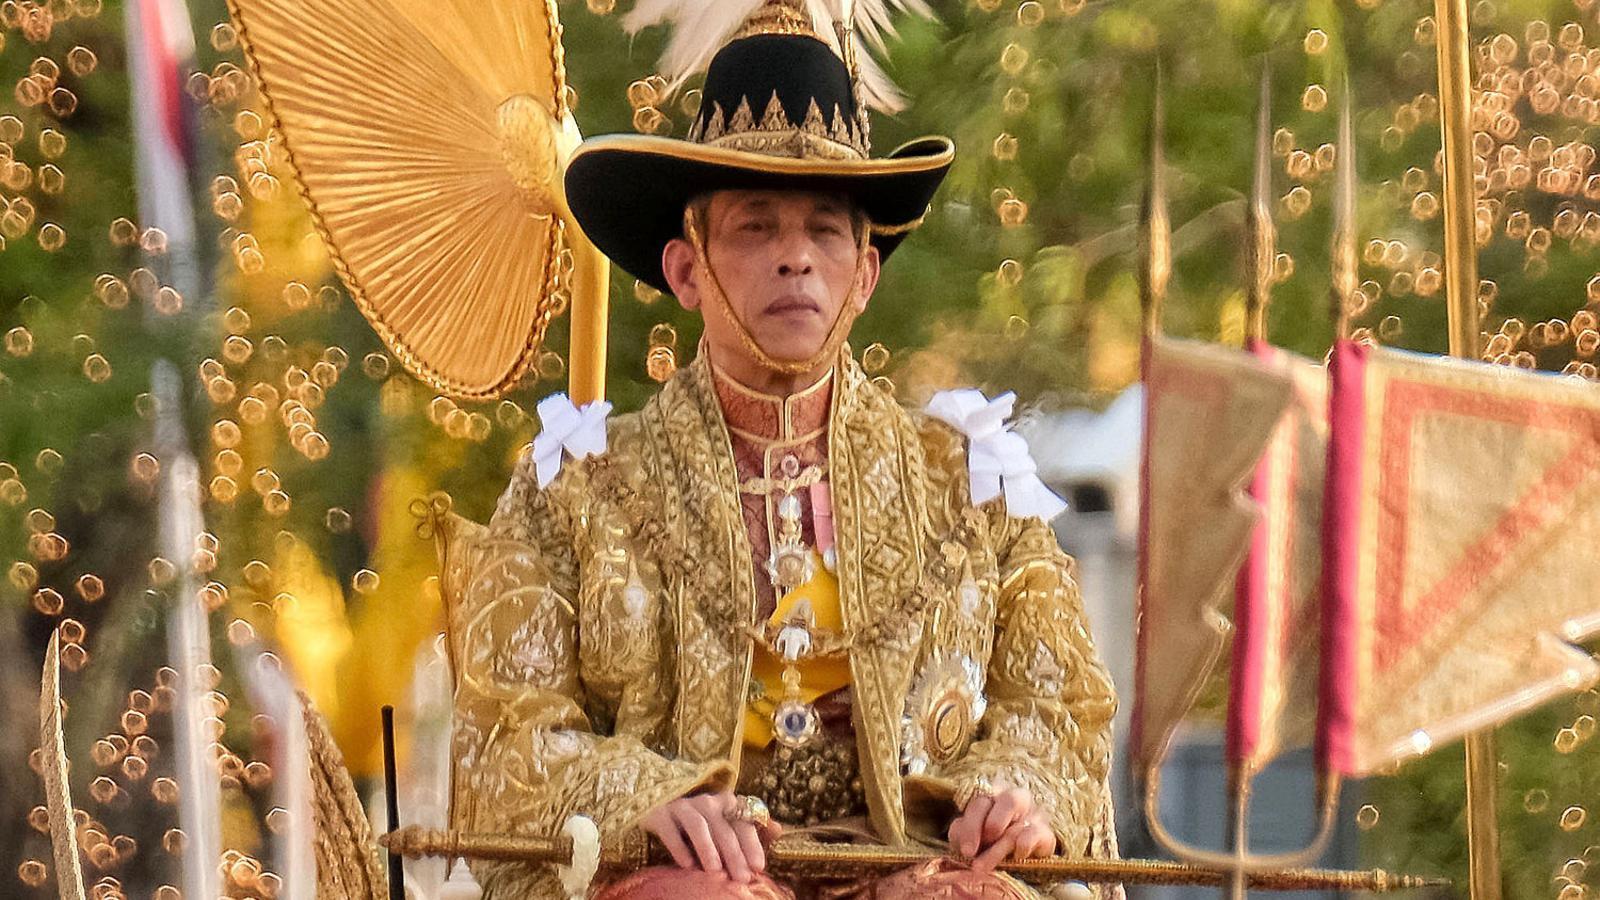 El rei de Tailàndia regna des d'Alemanya